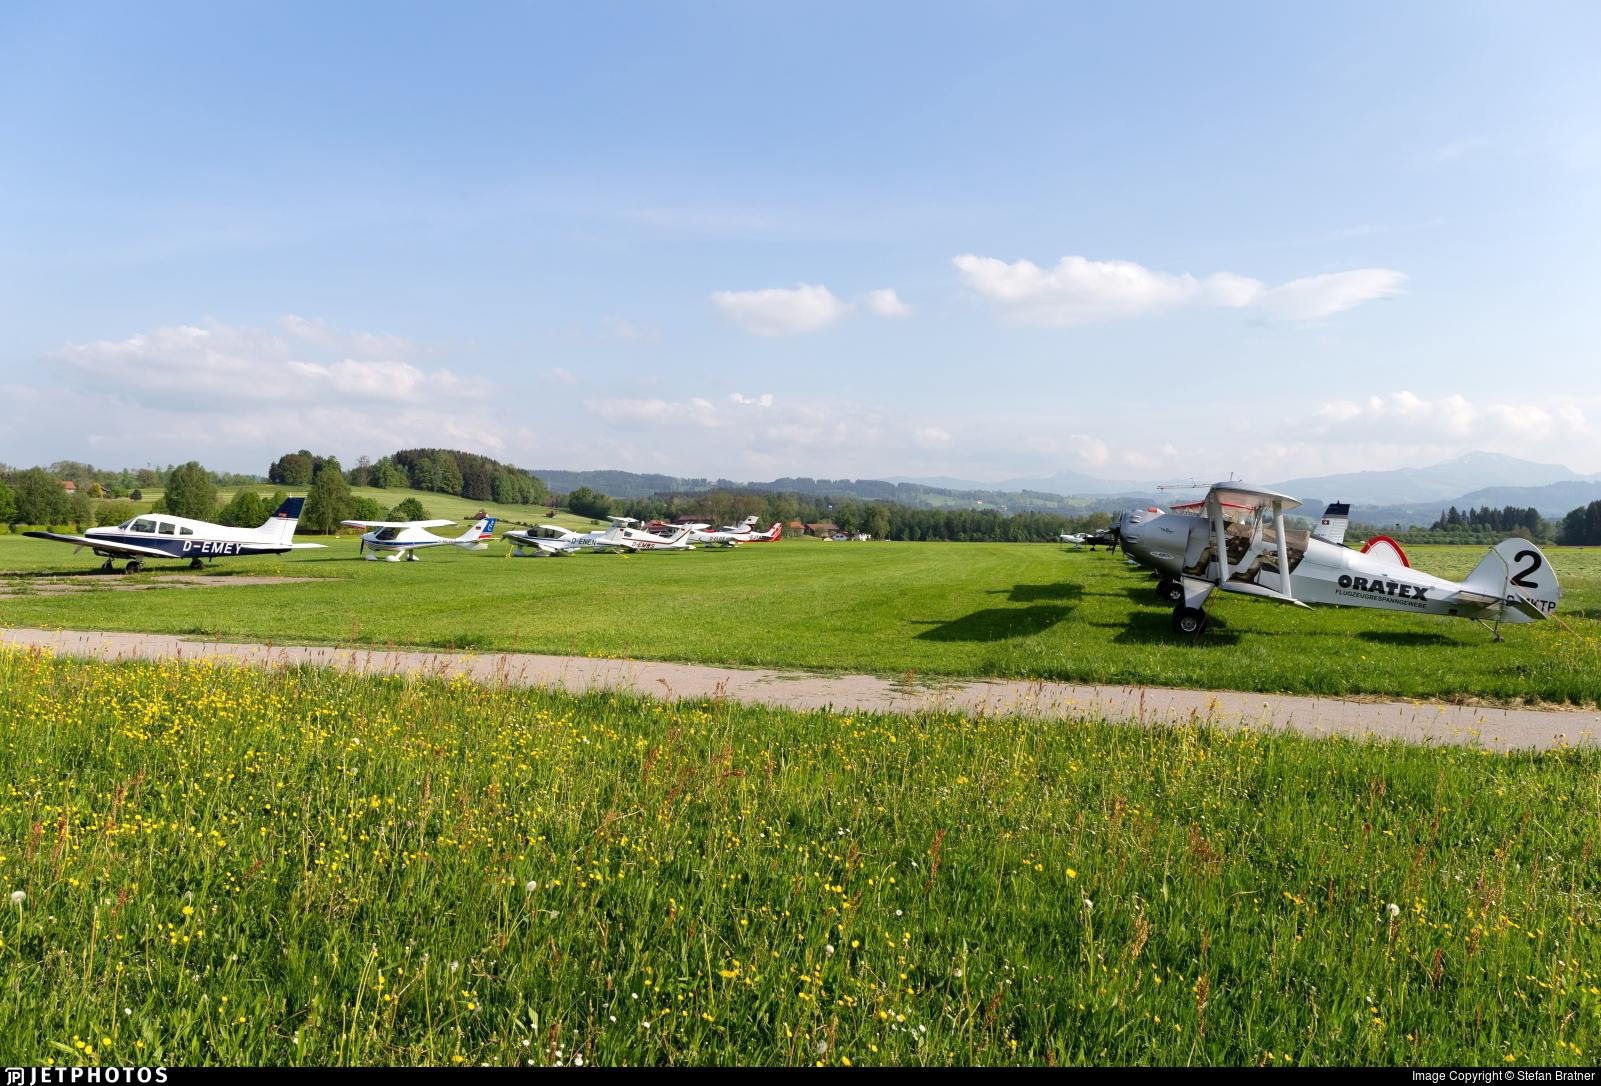 EDMK - Airport - Ramp